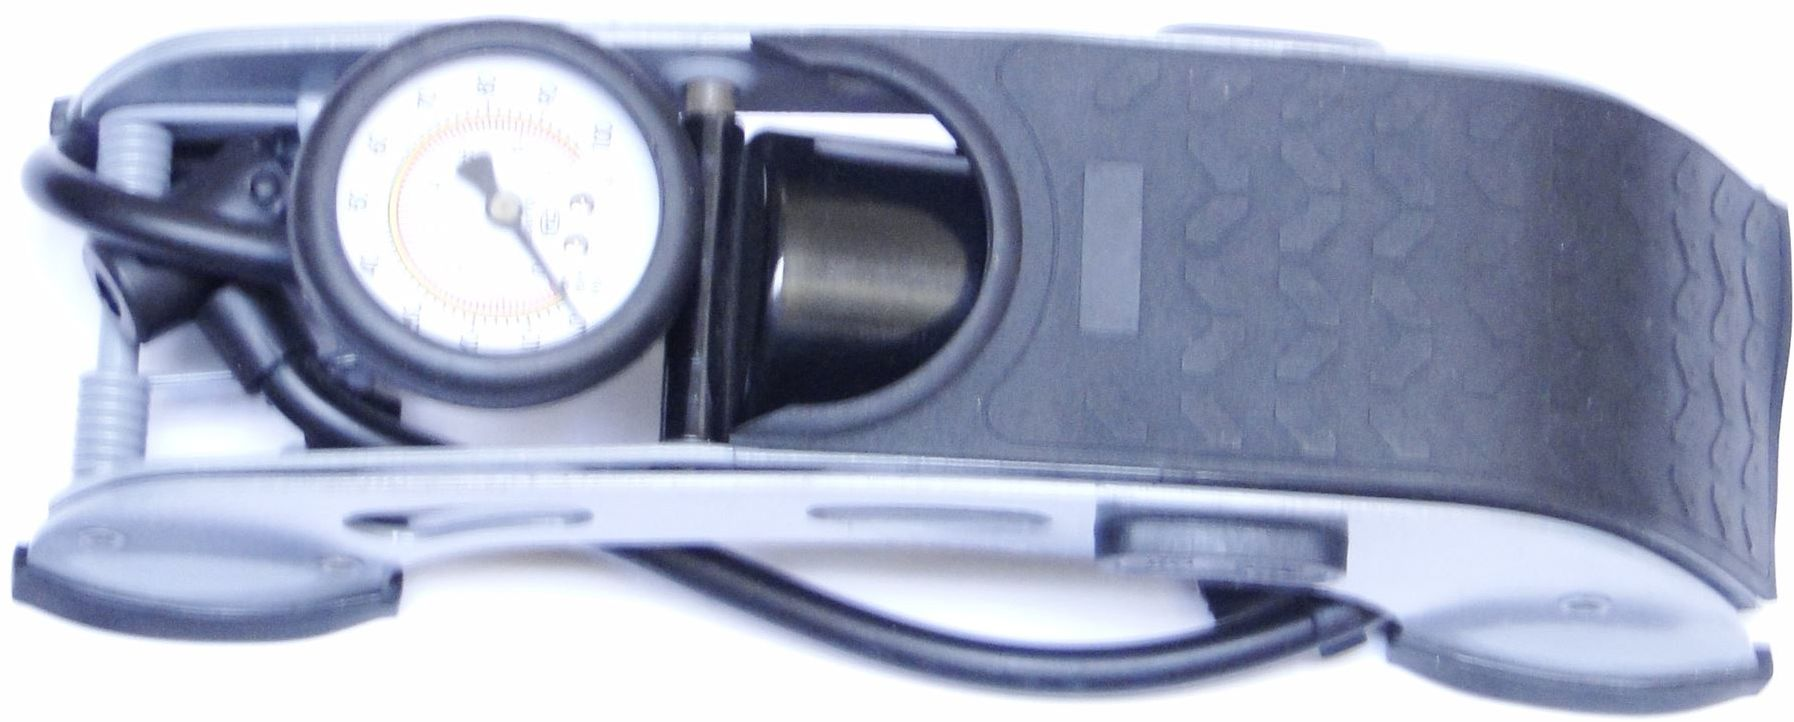 Pompka nożna tłokowa LUX (A2043)